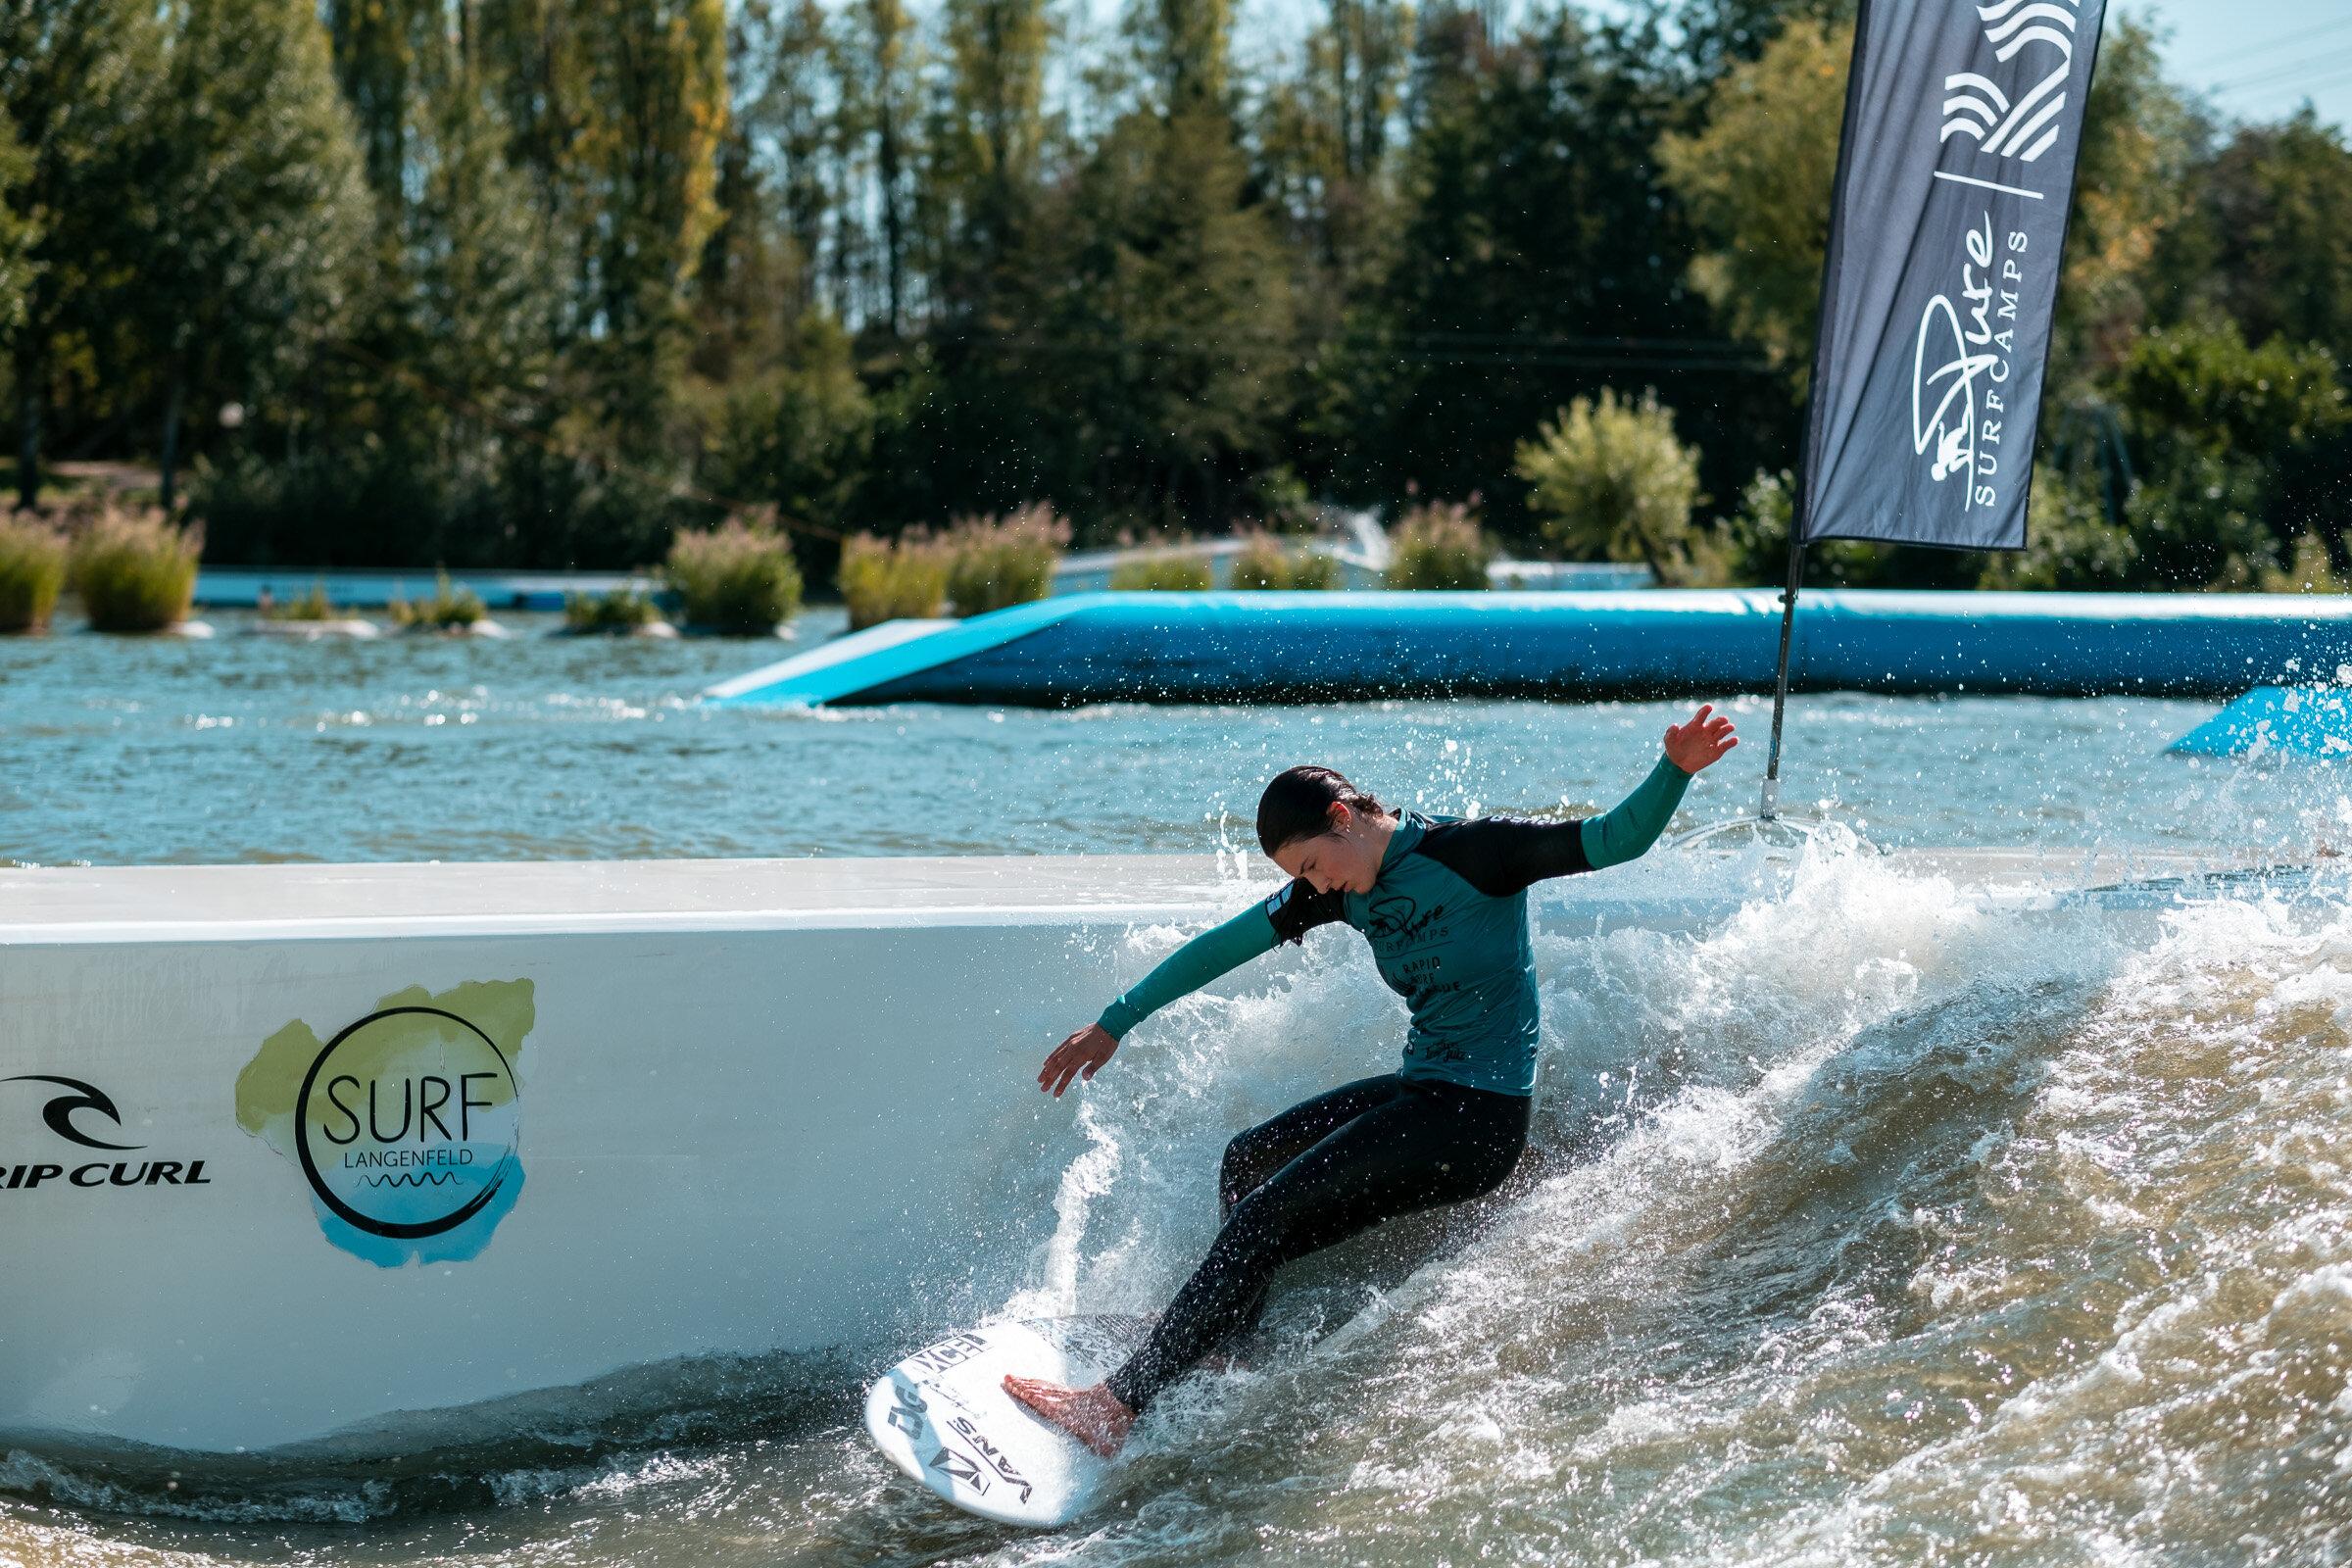 rapid-surf-contest-derKristof-156.jpg